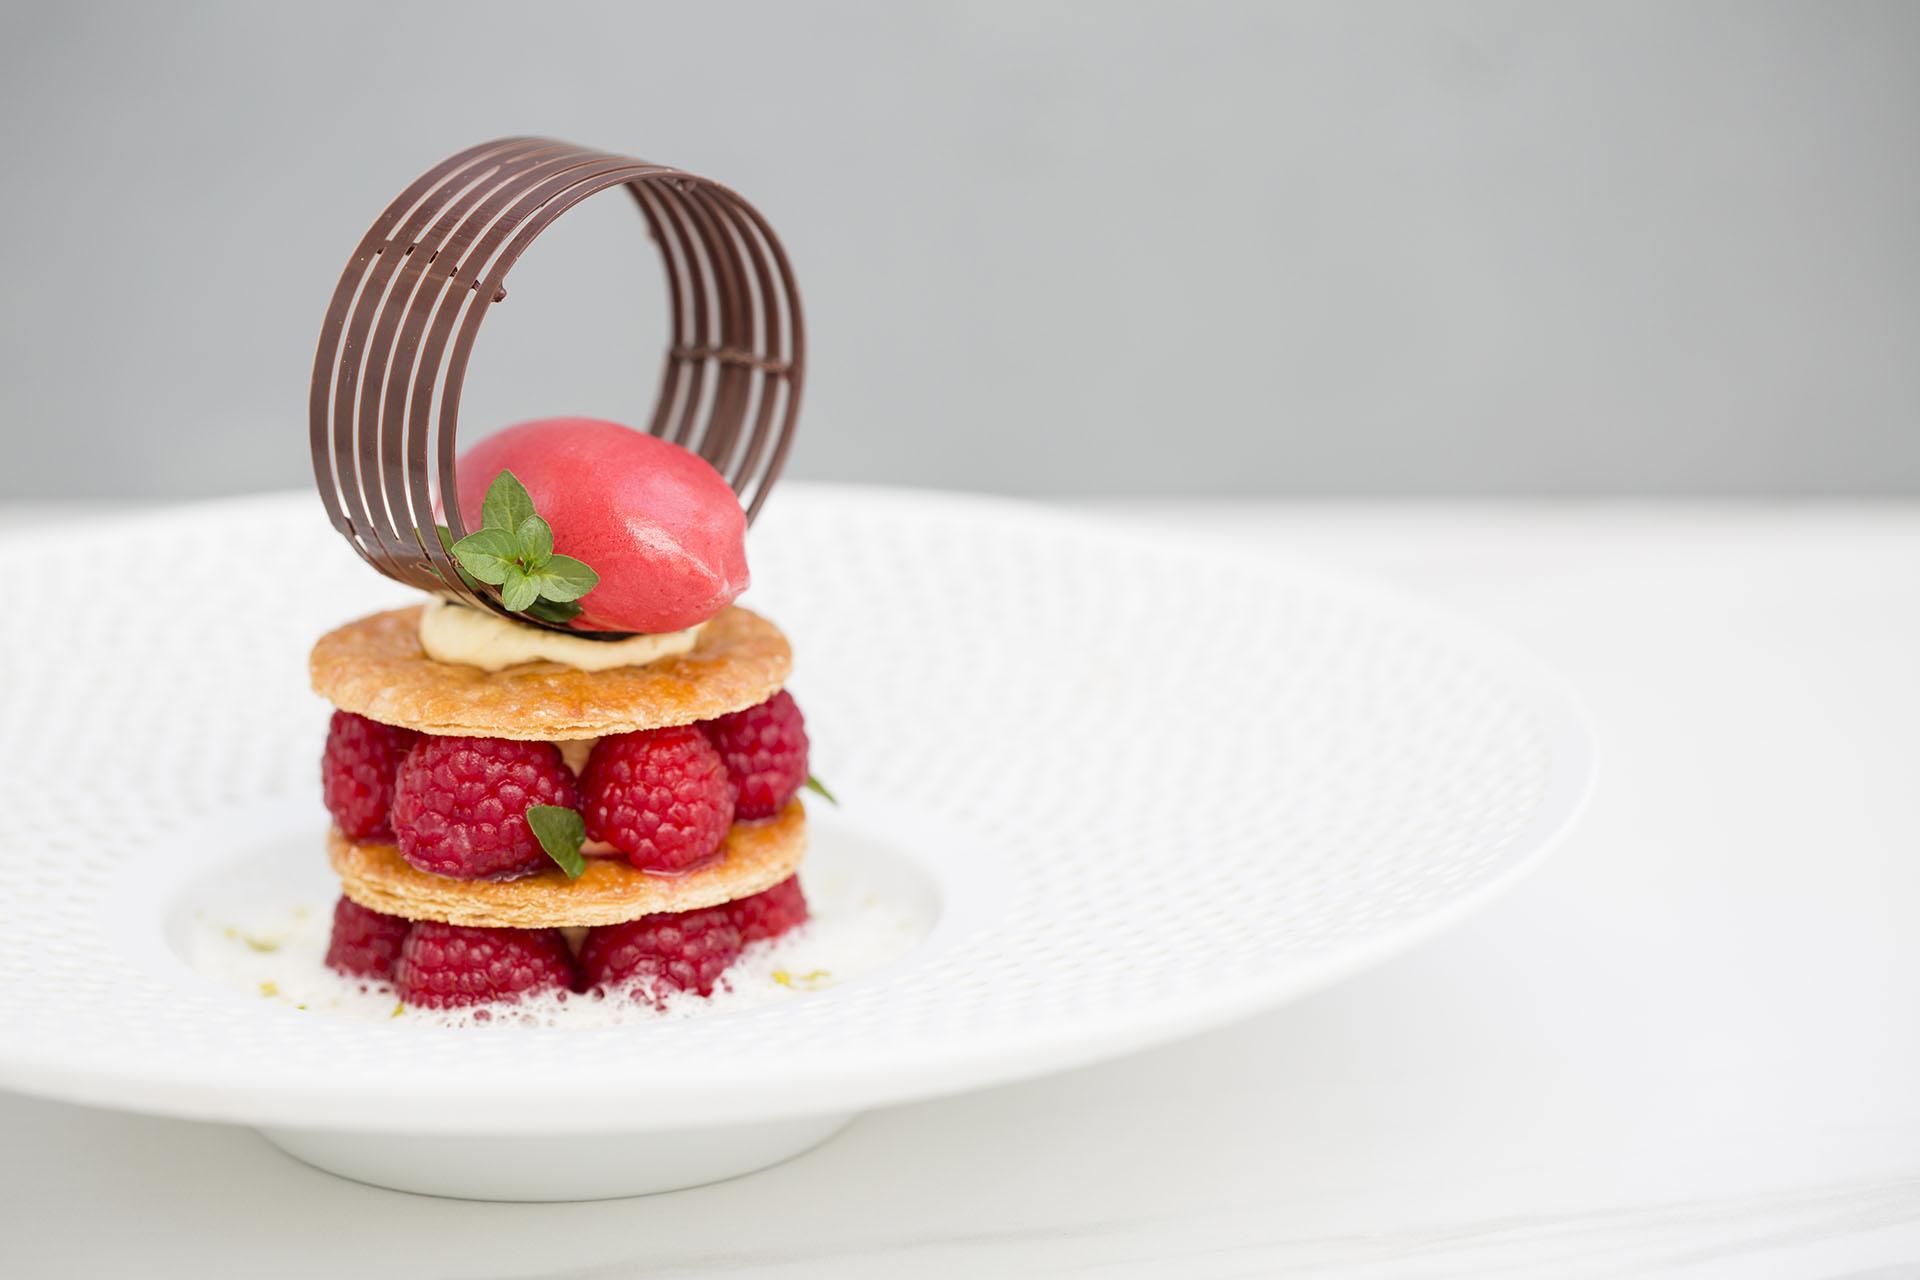 dessert-mille-feuille-himbeeren-bernd-schuetzelhofer-kochbuch-einfach-perfekt.jpg